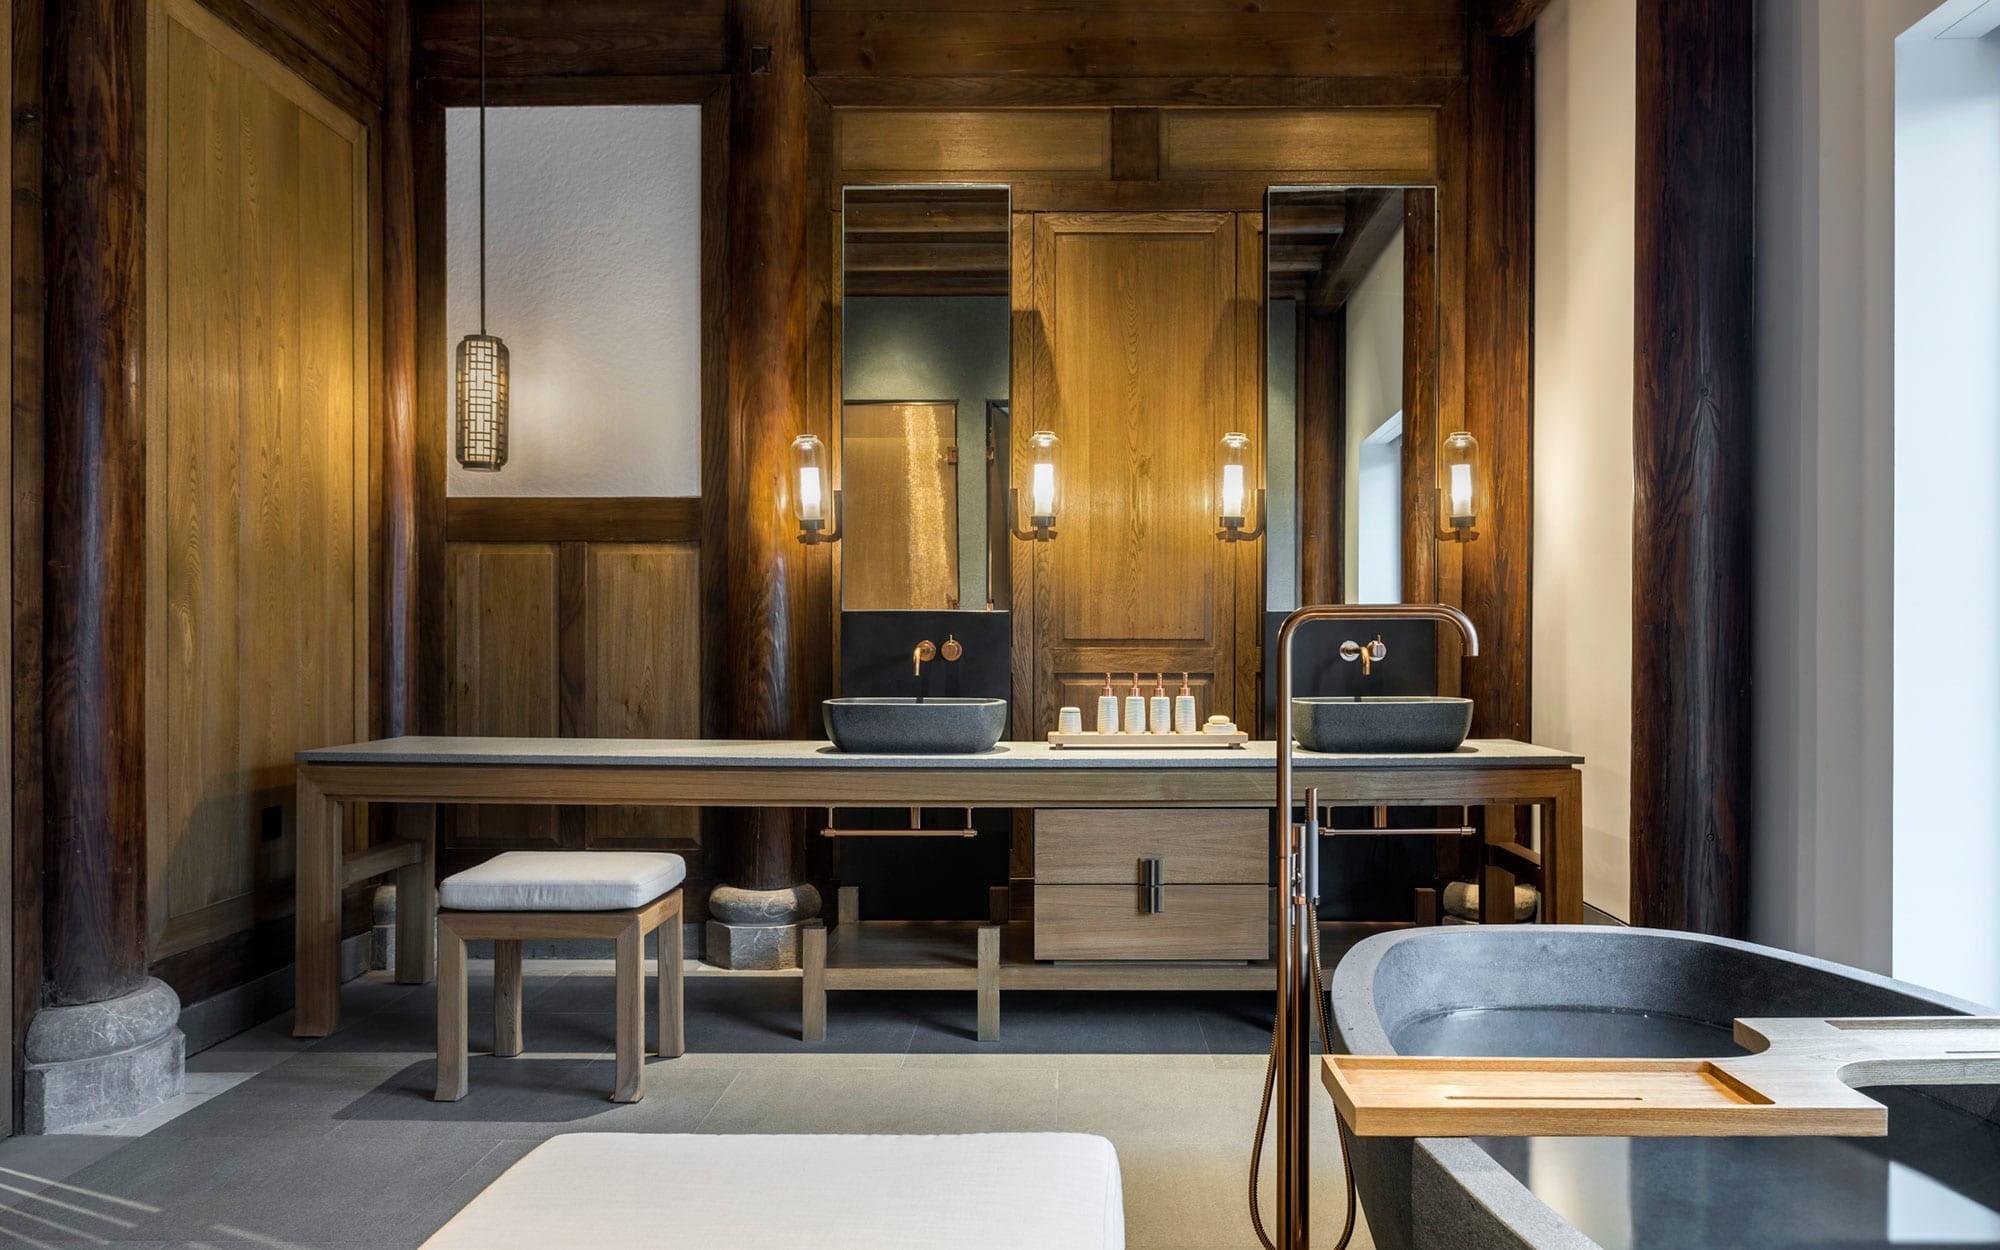 O hotel Amanyangyun, em Xangai, China, vencedor do Prix Versailles 2018